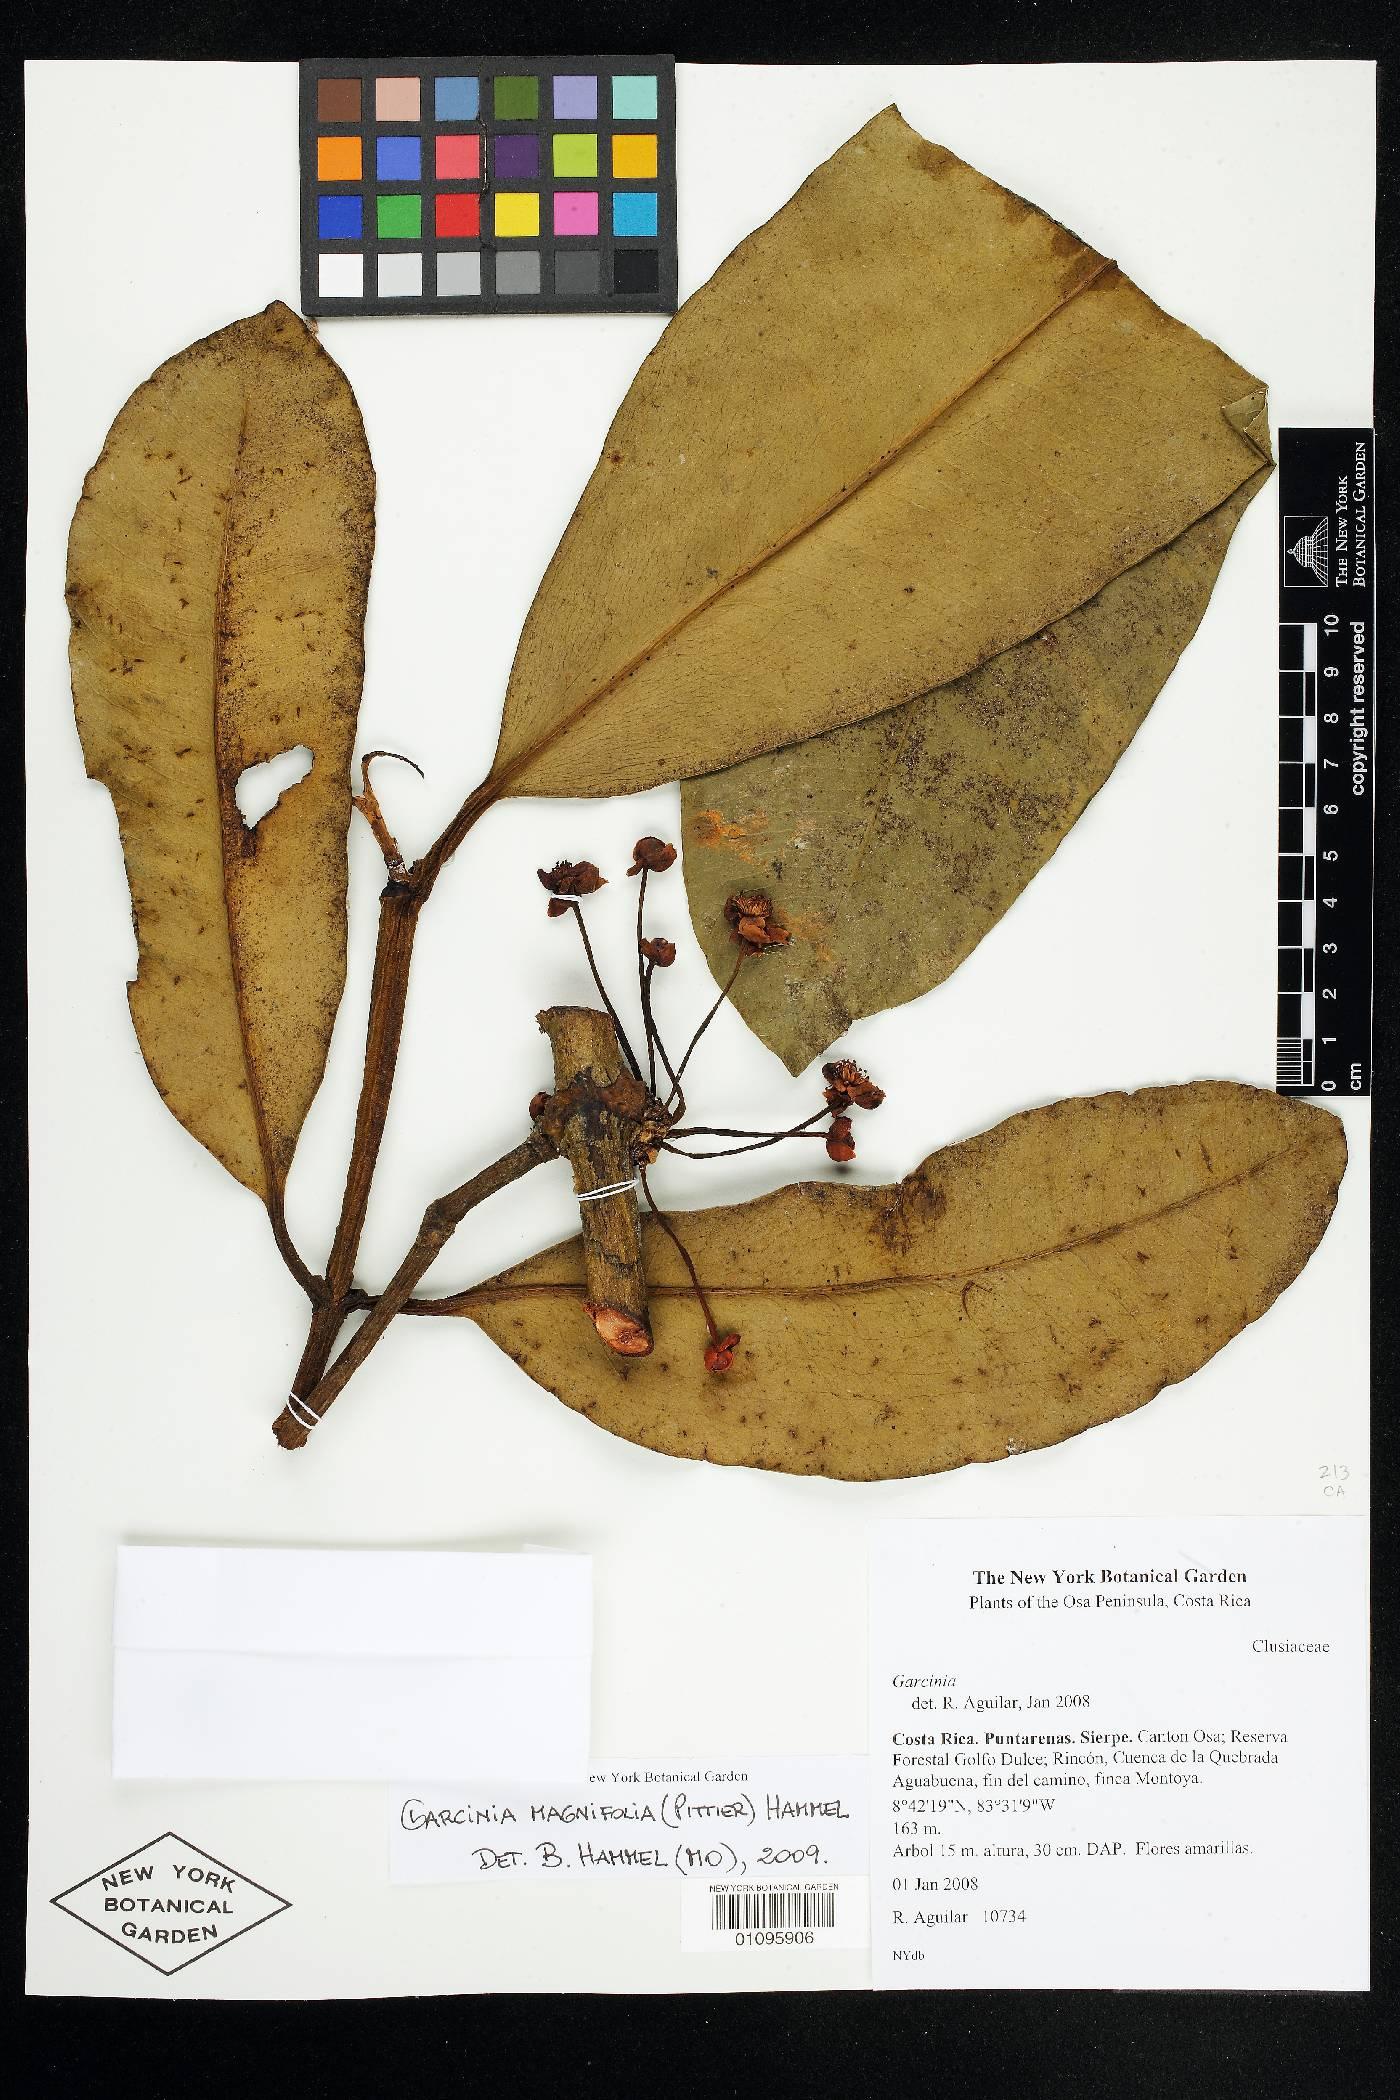 Garcinia magnifolia image